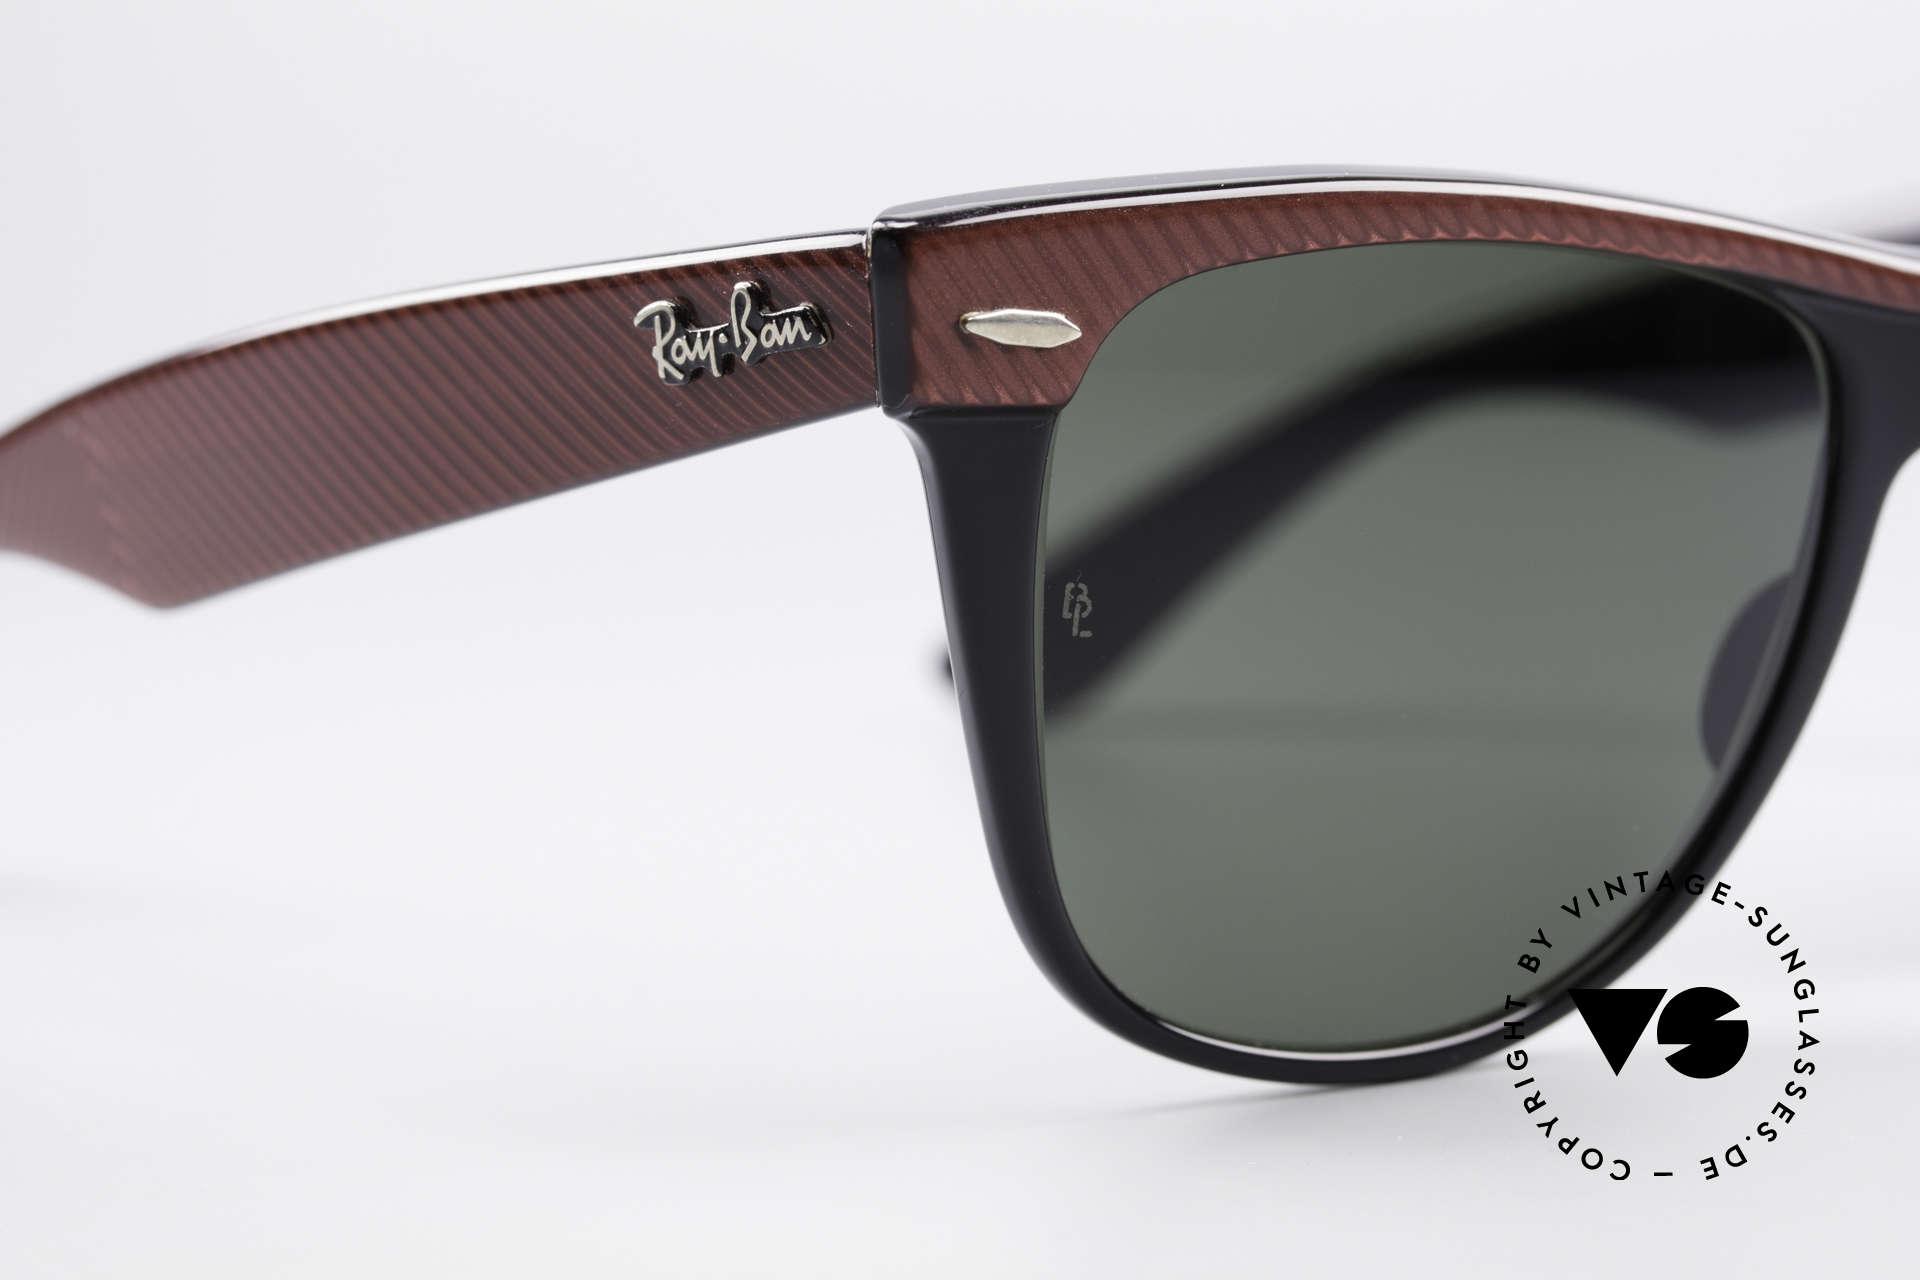 Ray Ban Wayfarer II Original USA Wayfarer B&L, KEINE retro Sonnenbrille, 100% vintage Original, Passend für Herren und Damen